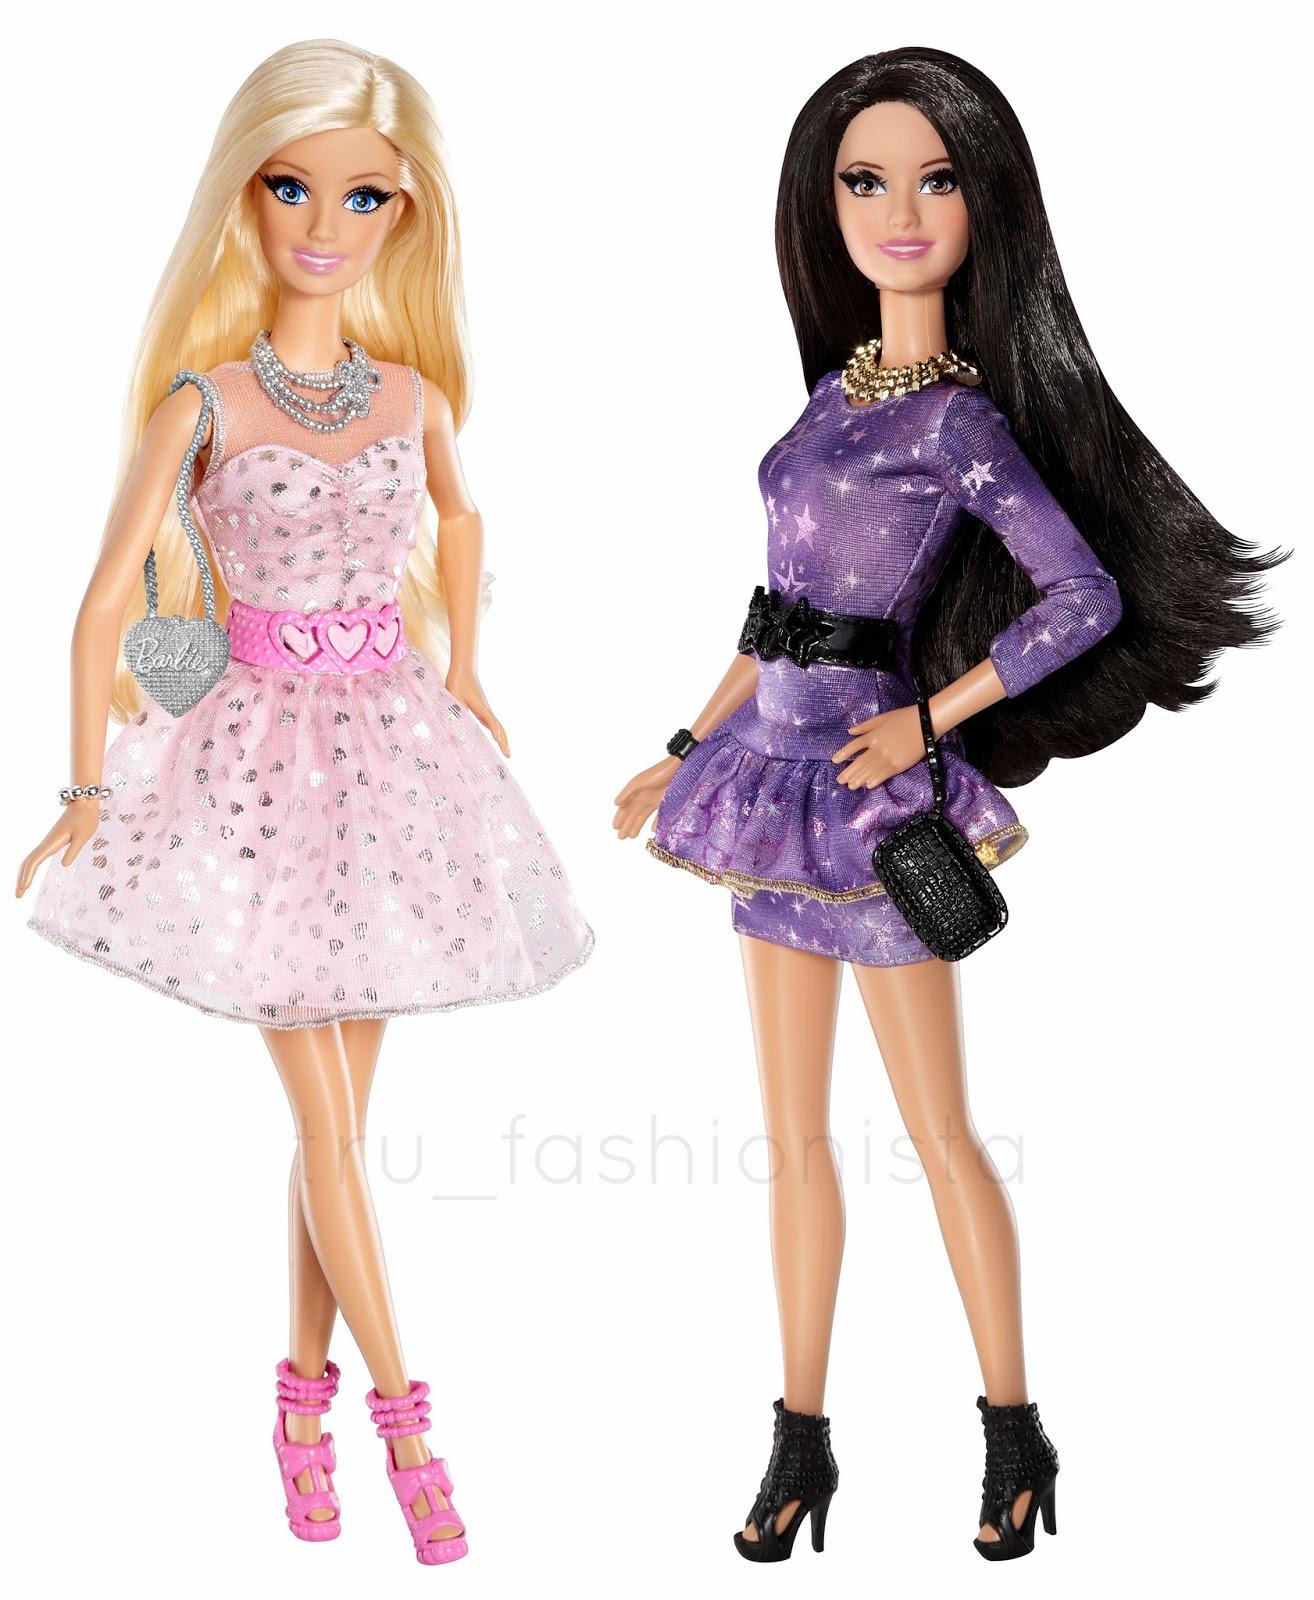 Ken Doll: Barbie Life in Dreamhouse 2013 Dolls